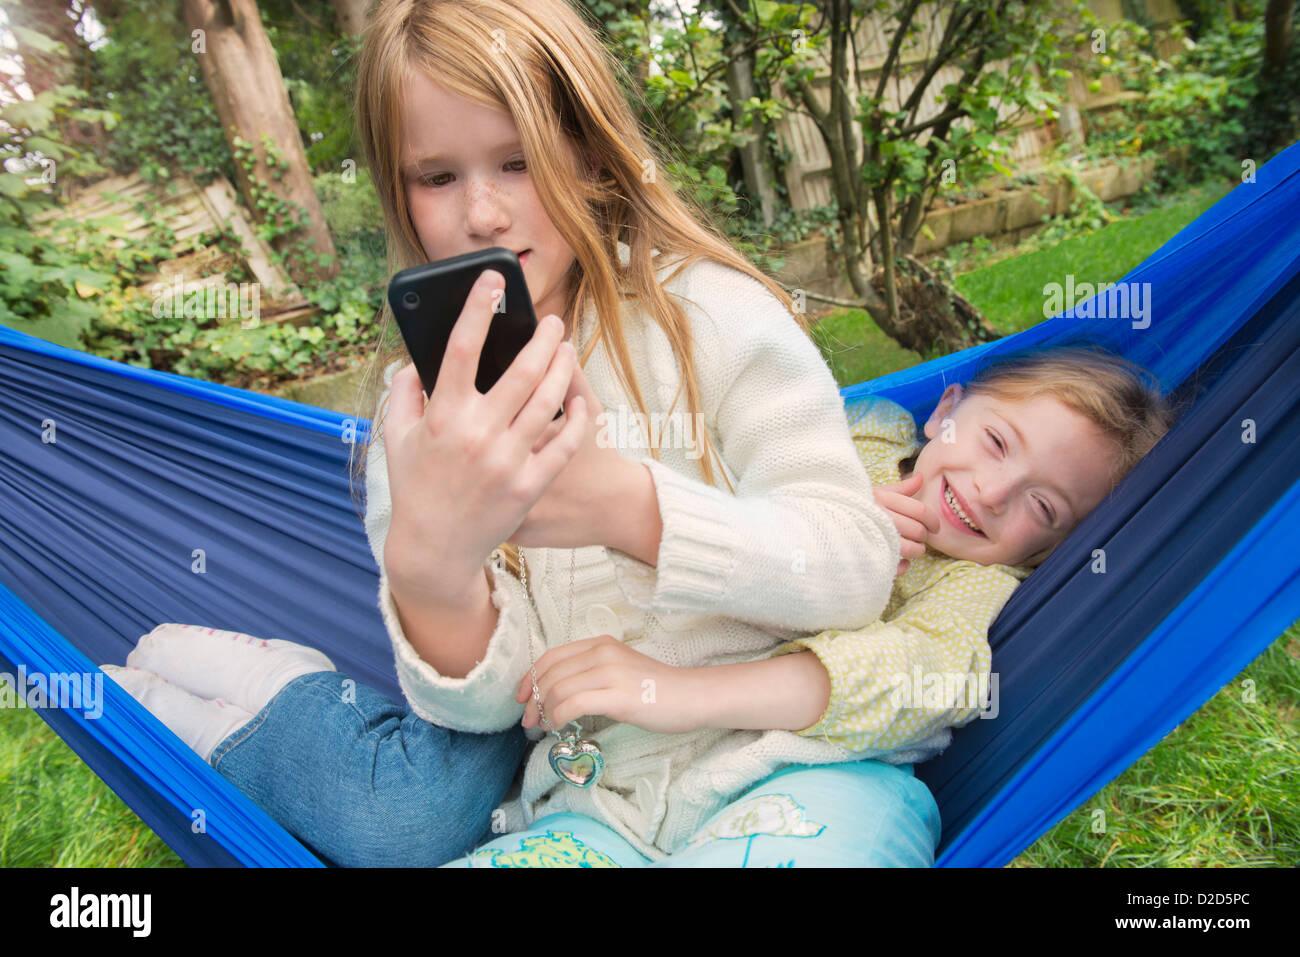 Kinder zum Entspannen in der Hängematte Stockbild